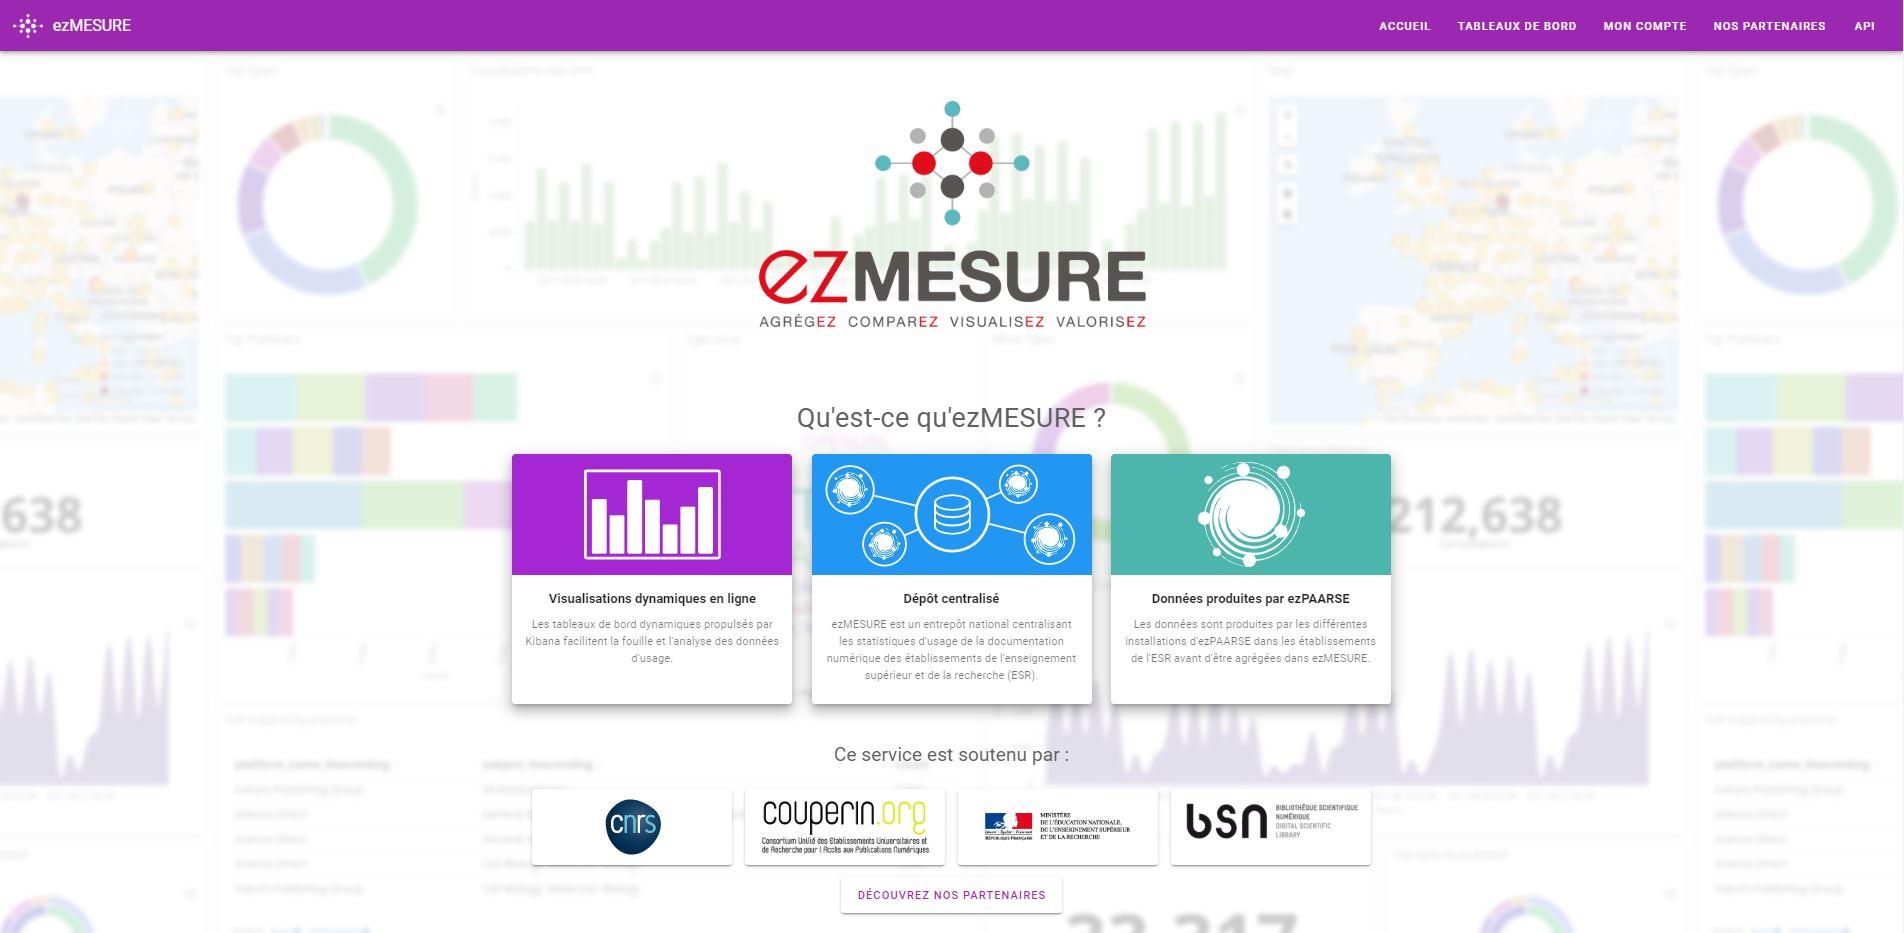 homepage ezmesure 201912